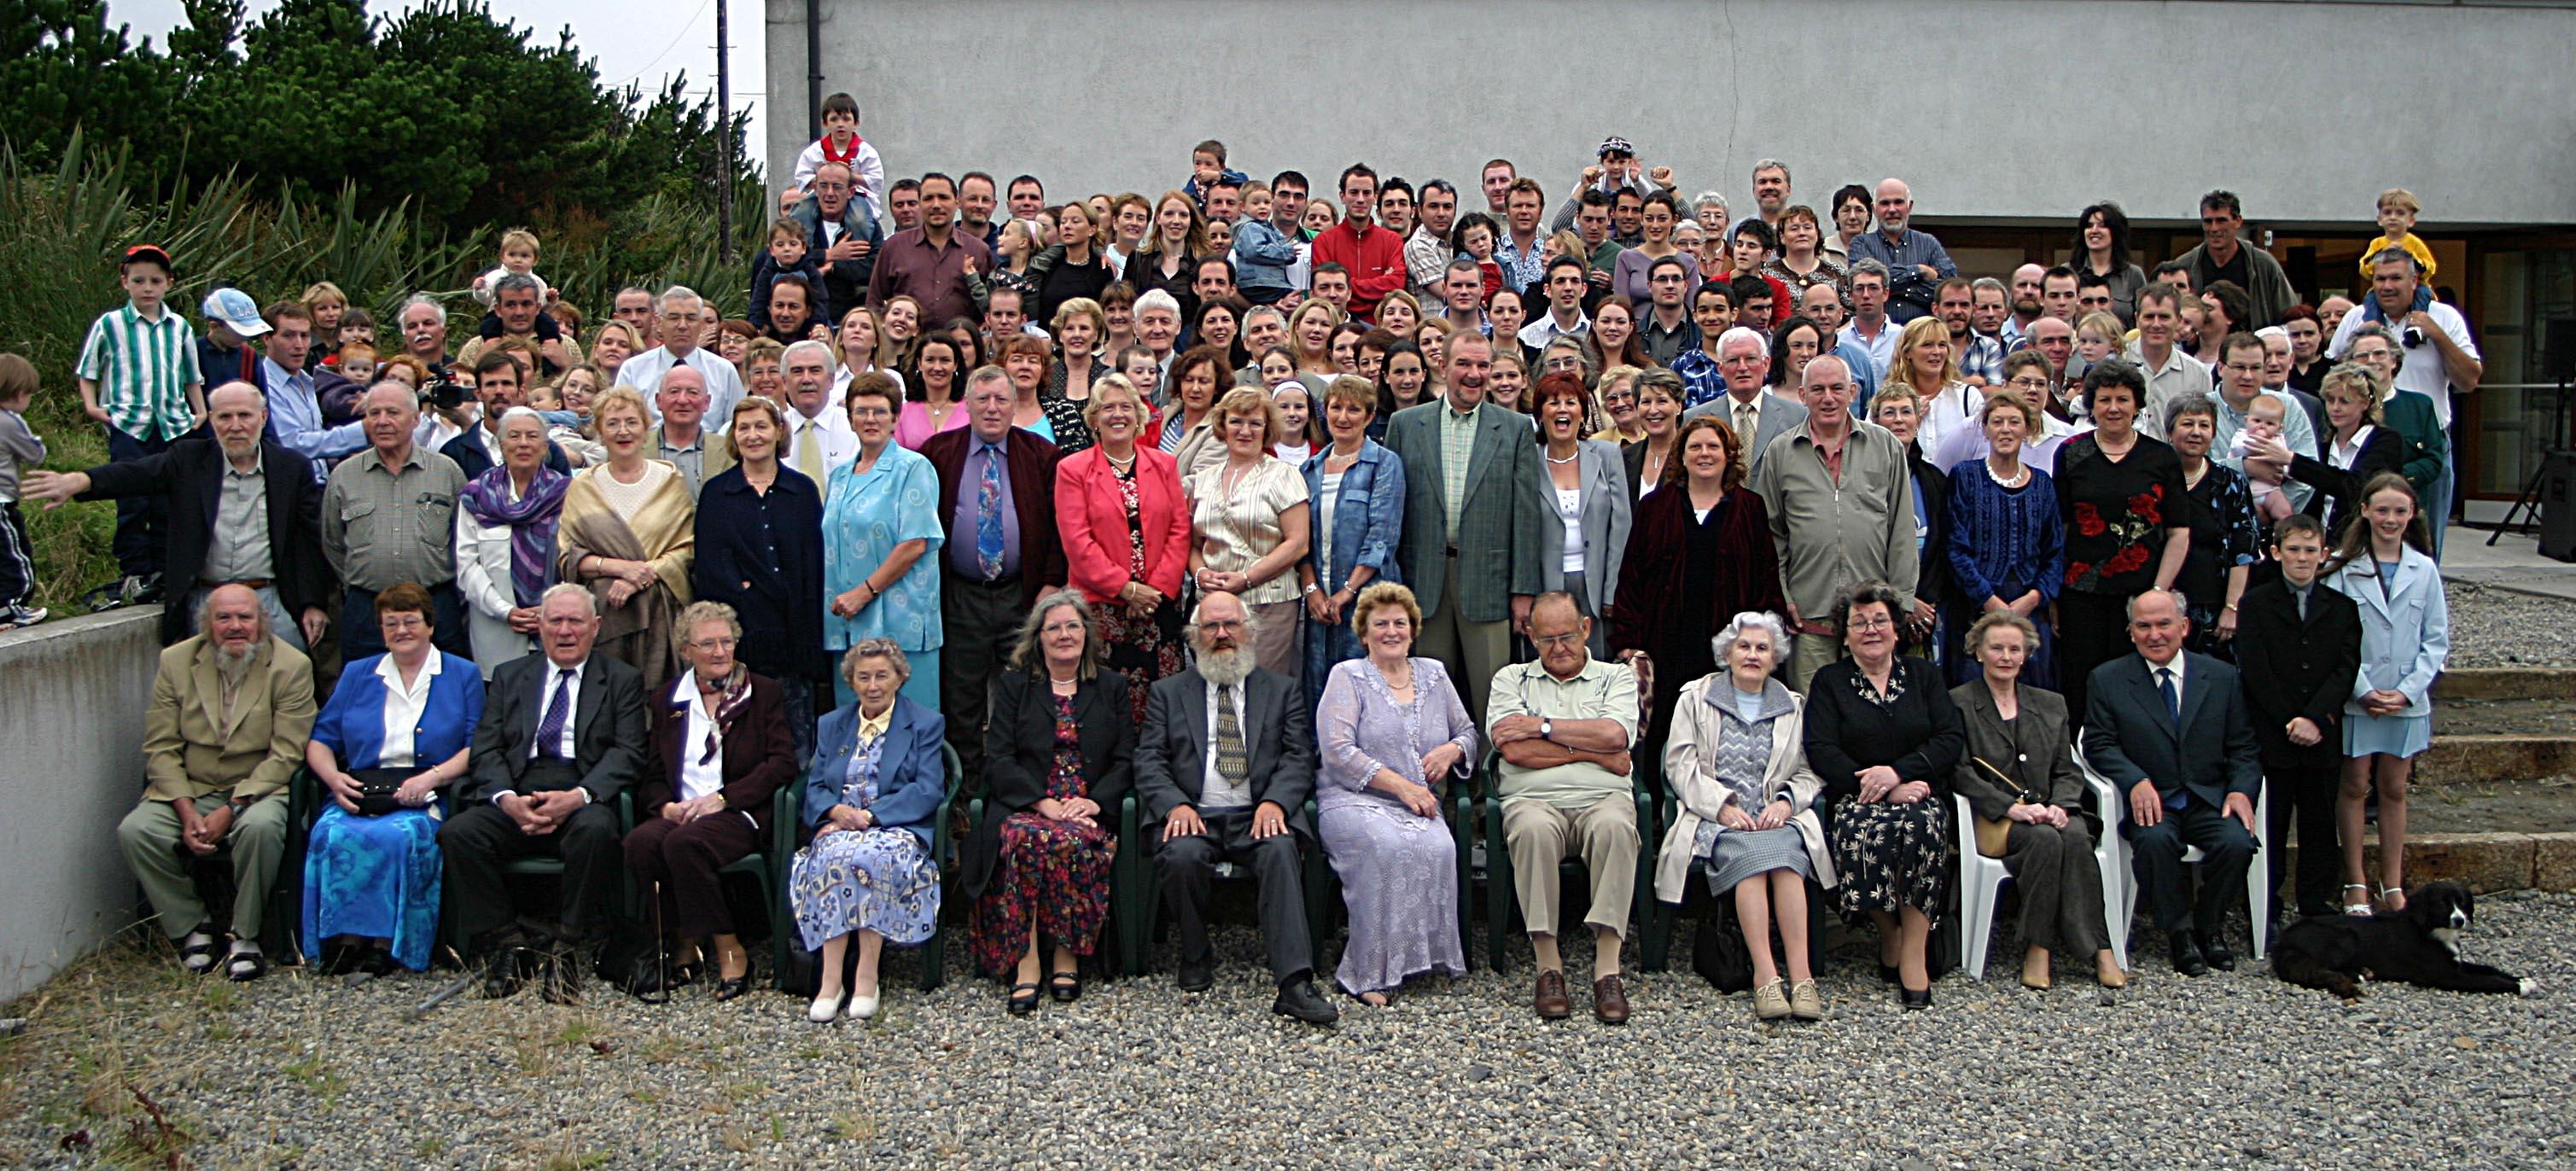 irishfamily.jpg